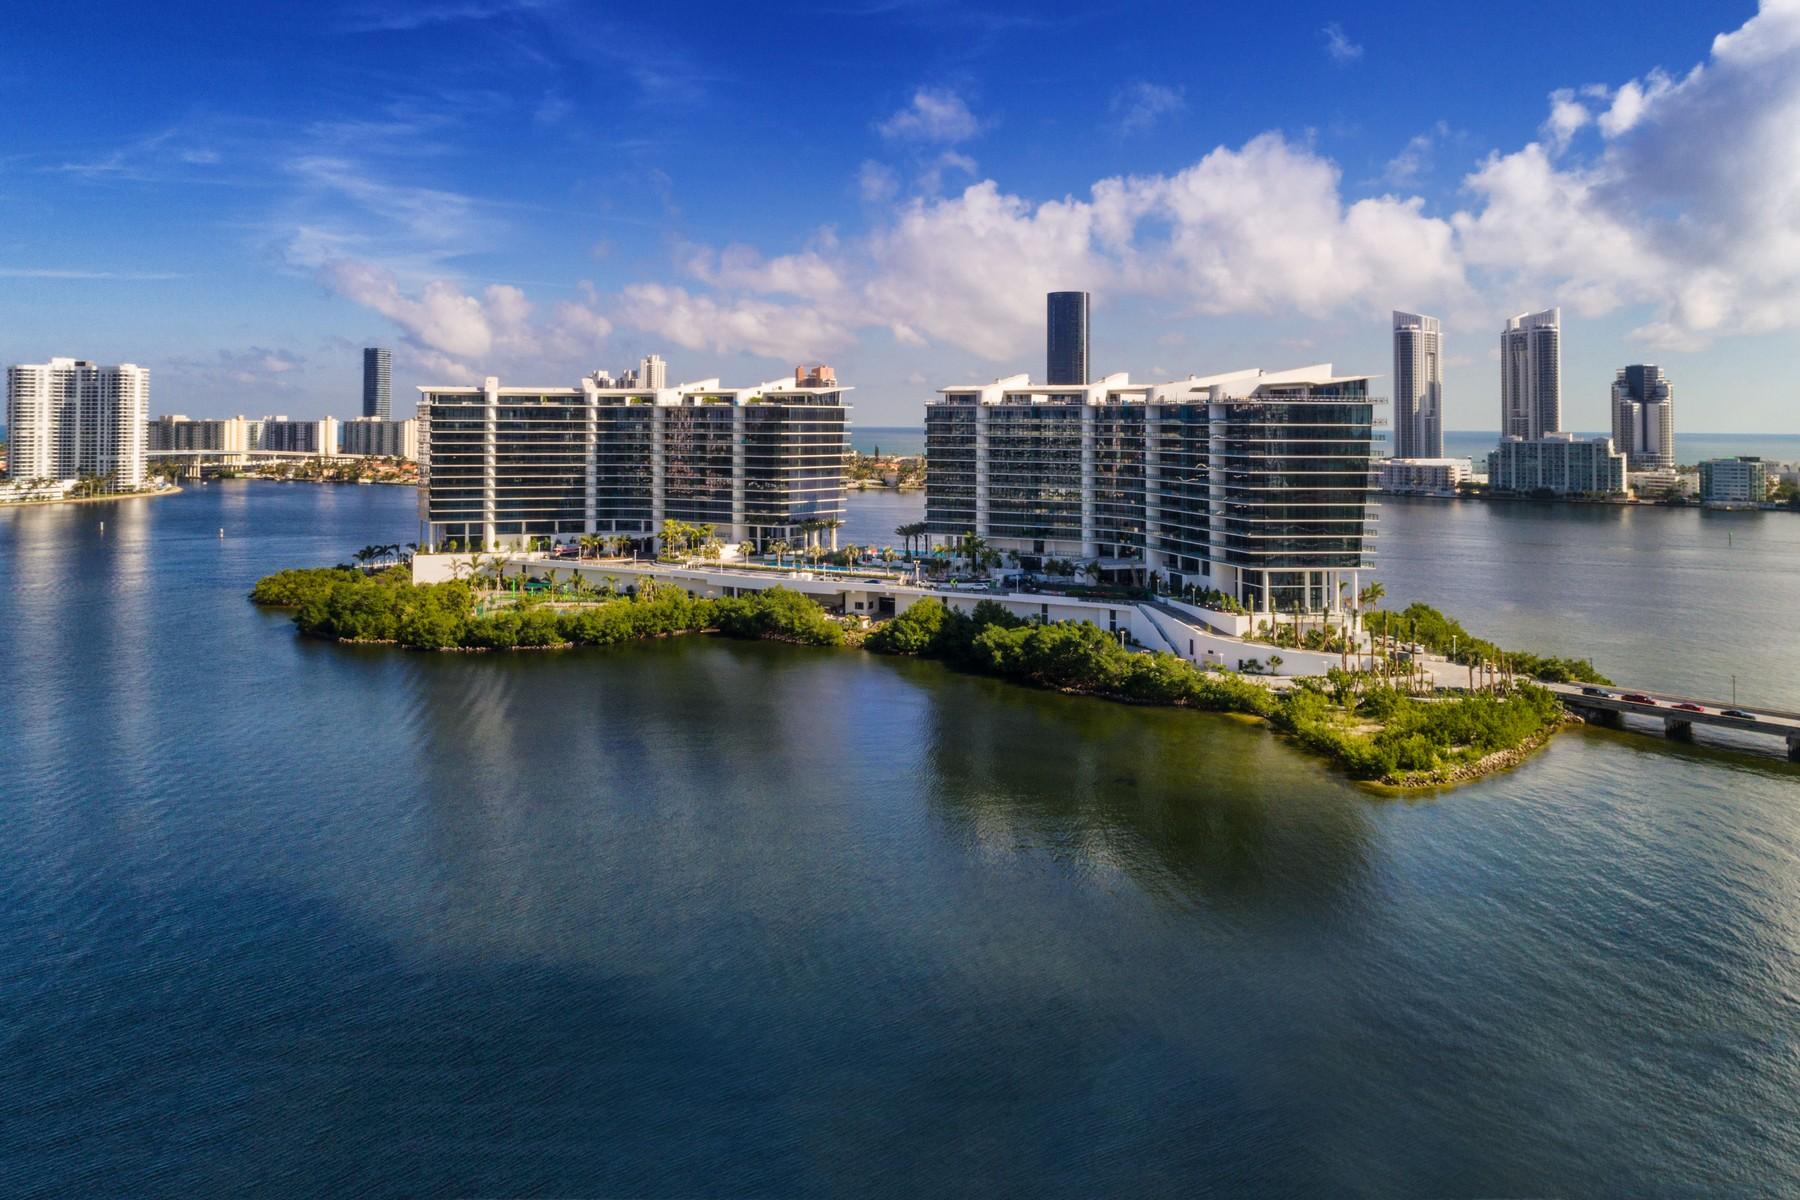 Condominium for Sale at 5000 Island Estates #1506 5000 Island Estates 1506 Aventura, Florida 33160 United States